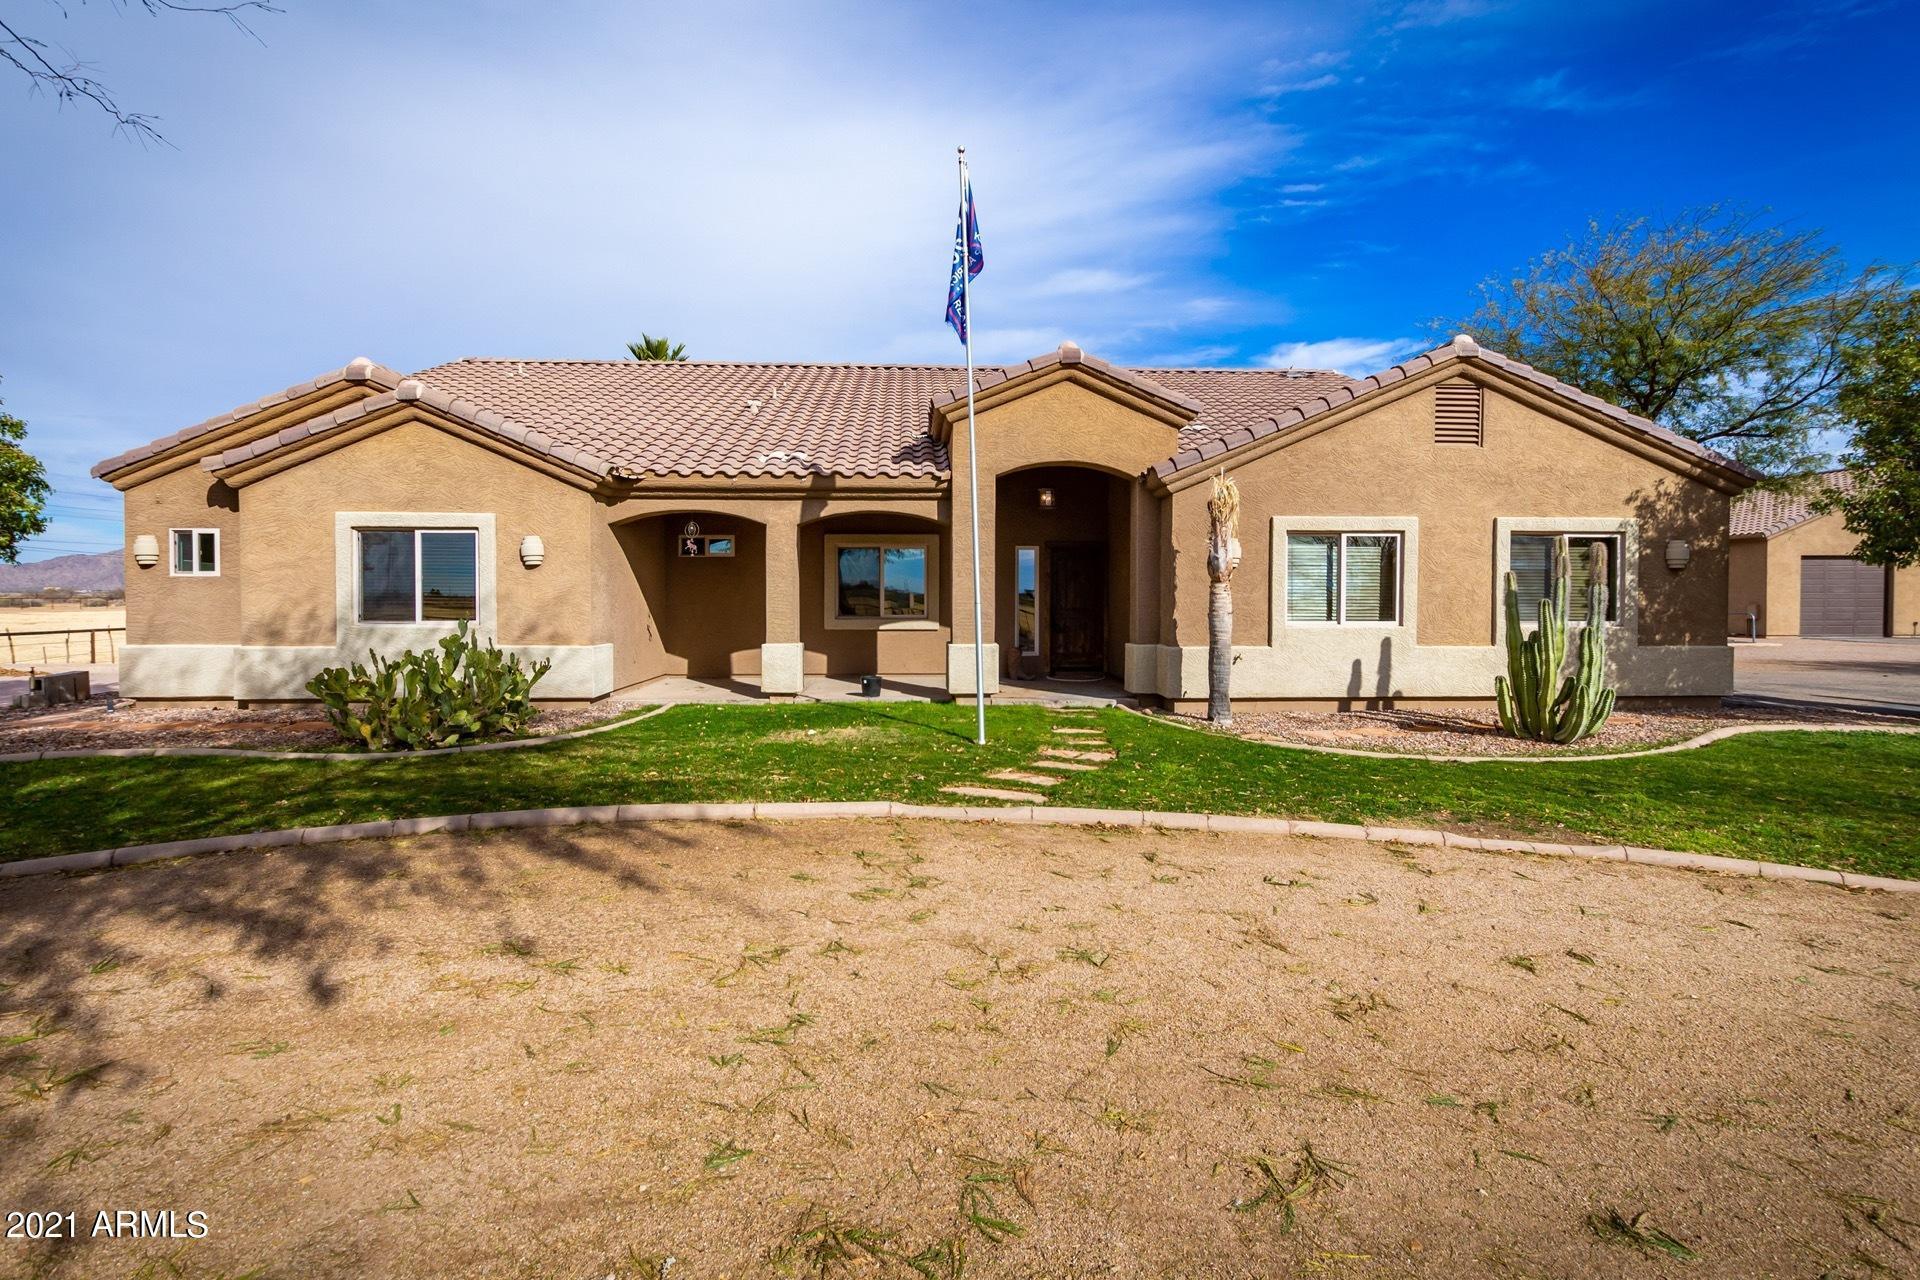 4613 N SIGNAL PEAK Road, Casa Grande, Arizona 85194, 3 Bedrooms Bedrooms, ,2 BathroomsBathrooms,Single Family,For Sale,4613 N SIGNAL PEAK Road,1,6188206